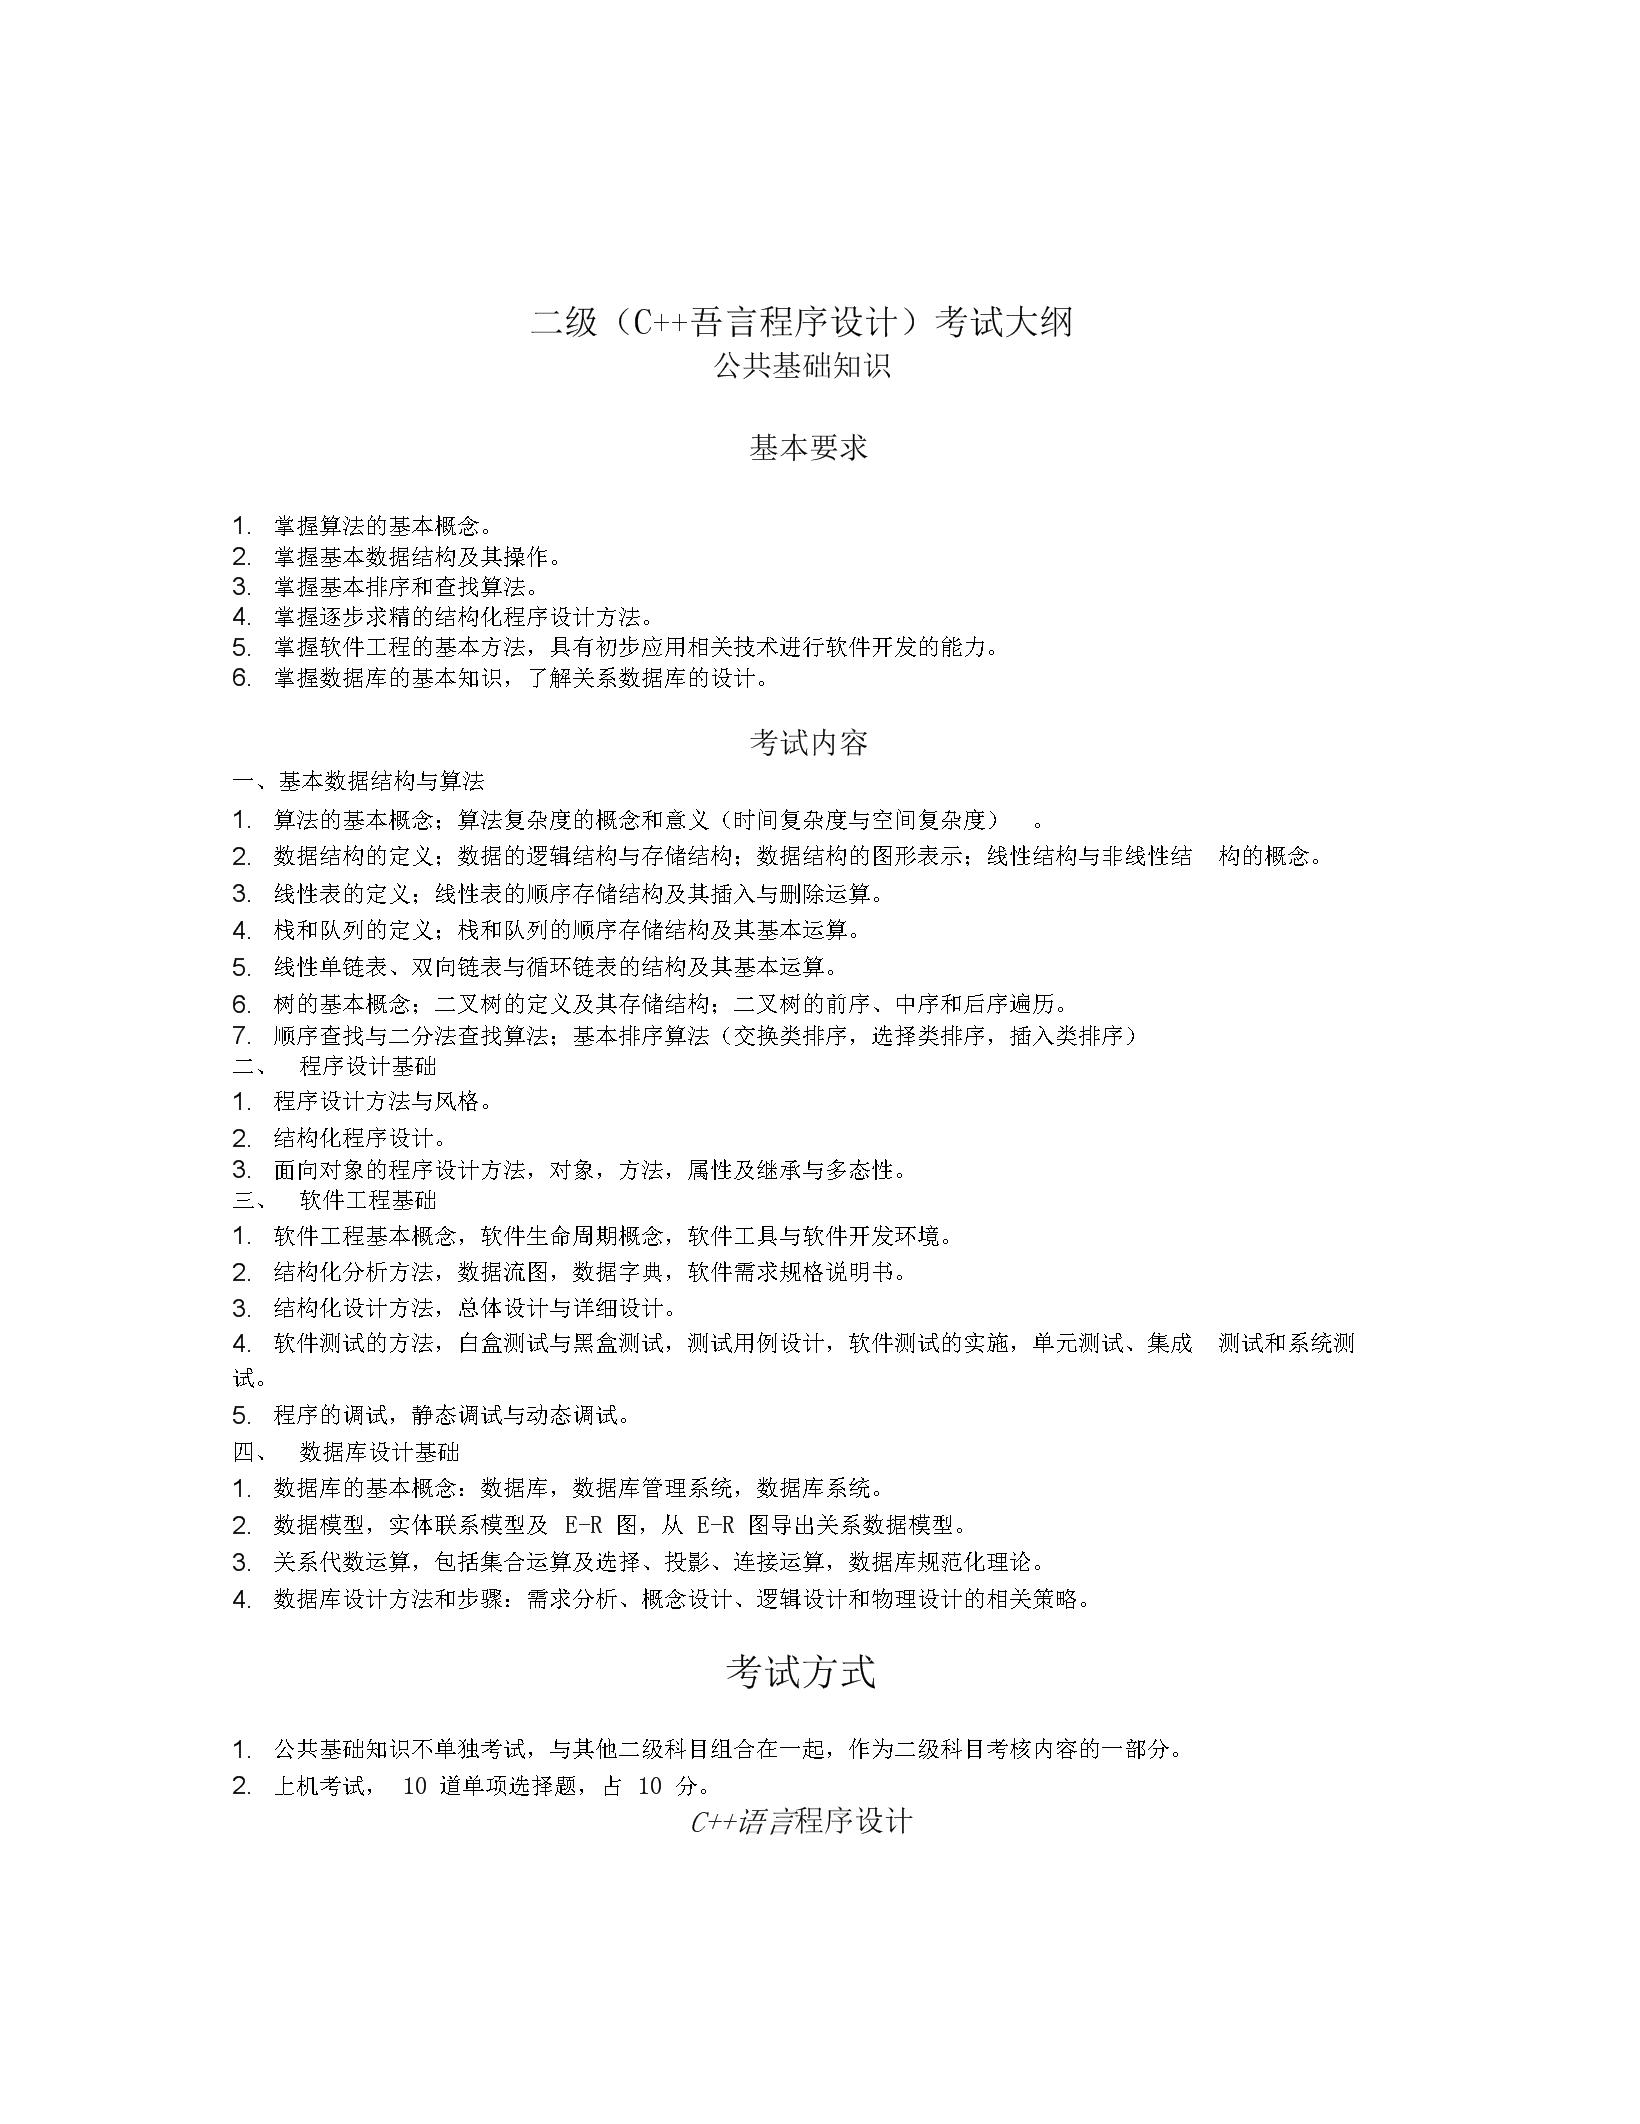 全國計算機二級(C語言程序設計)考試大綱.docx